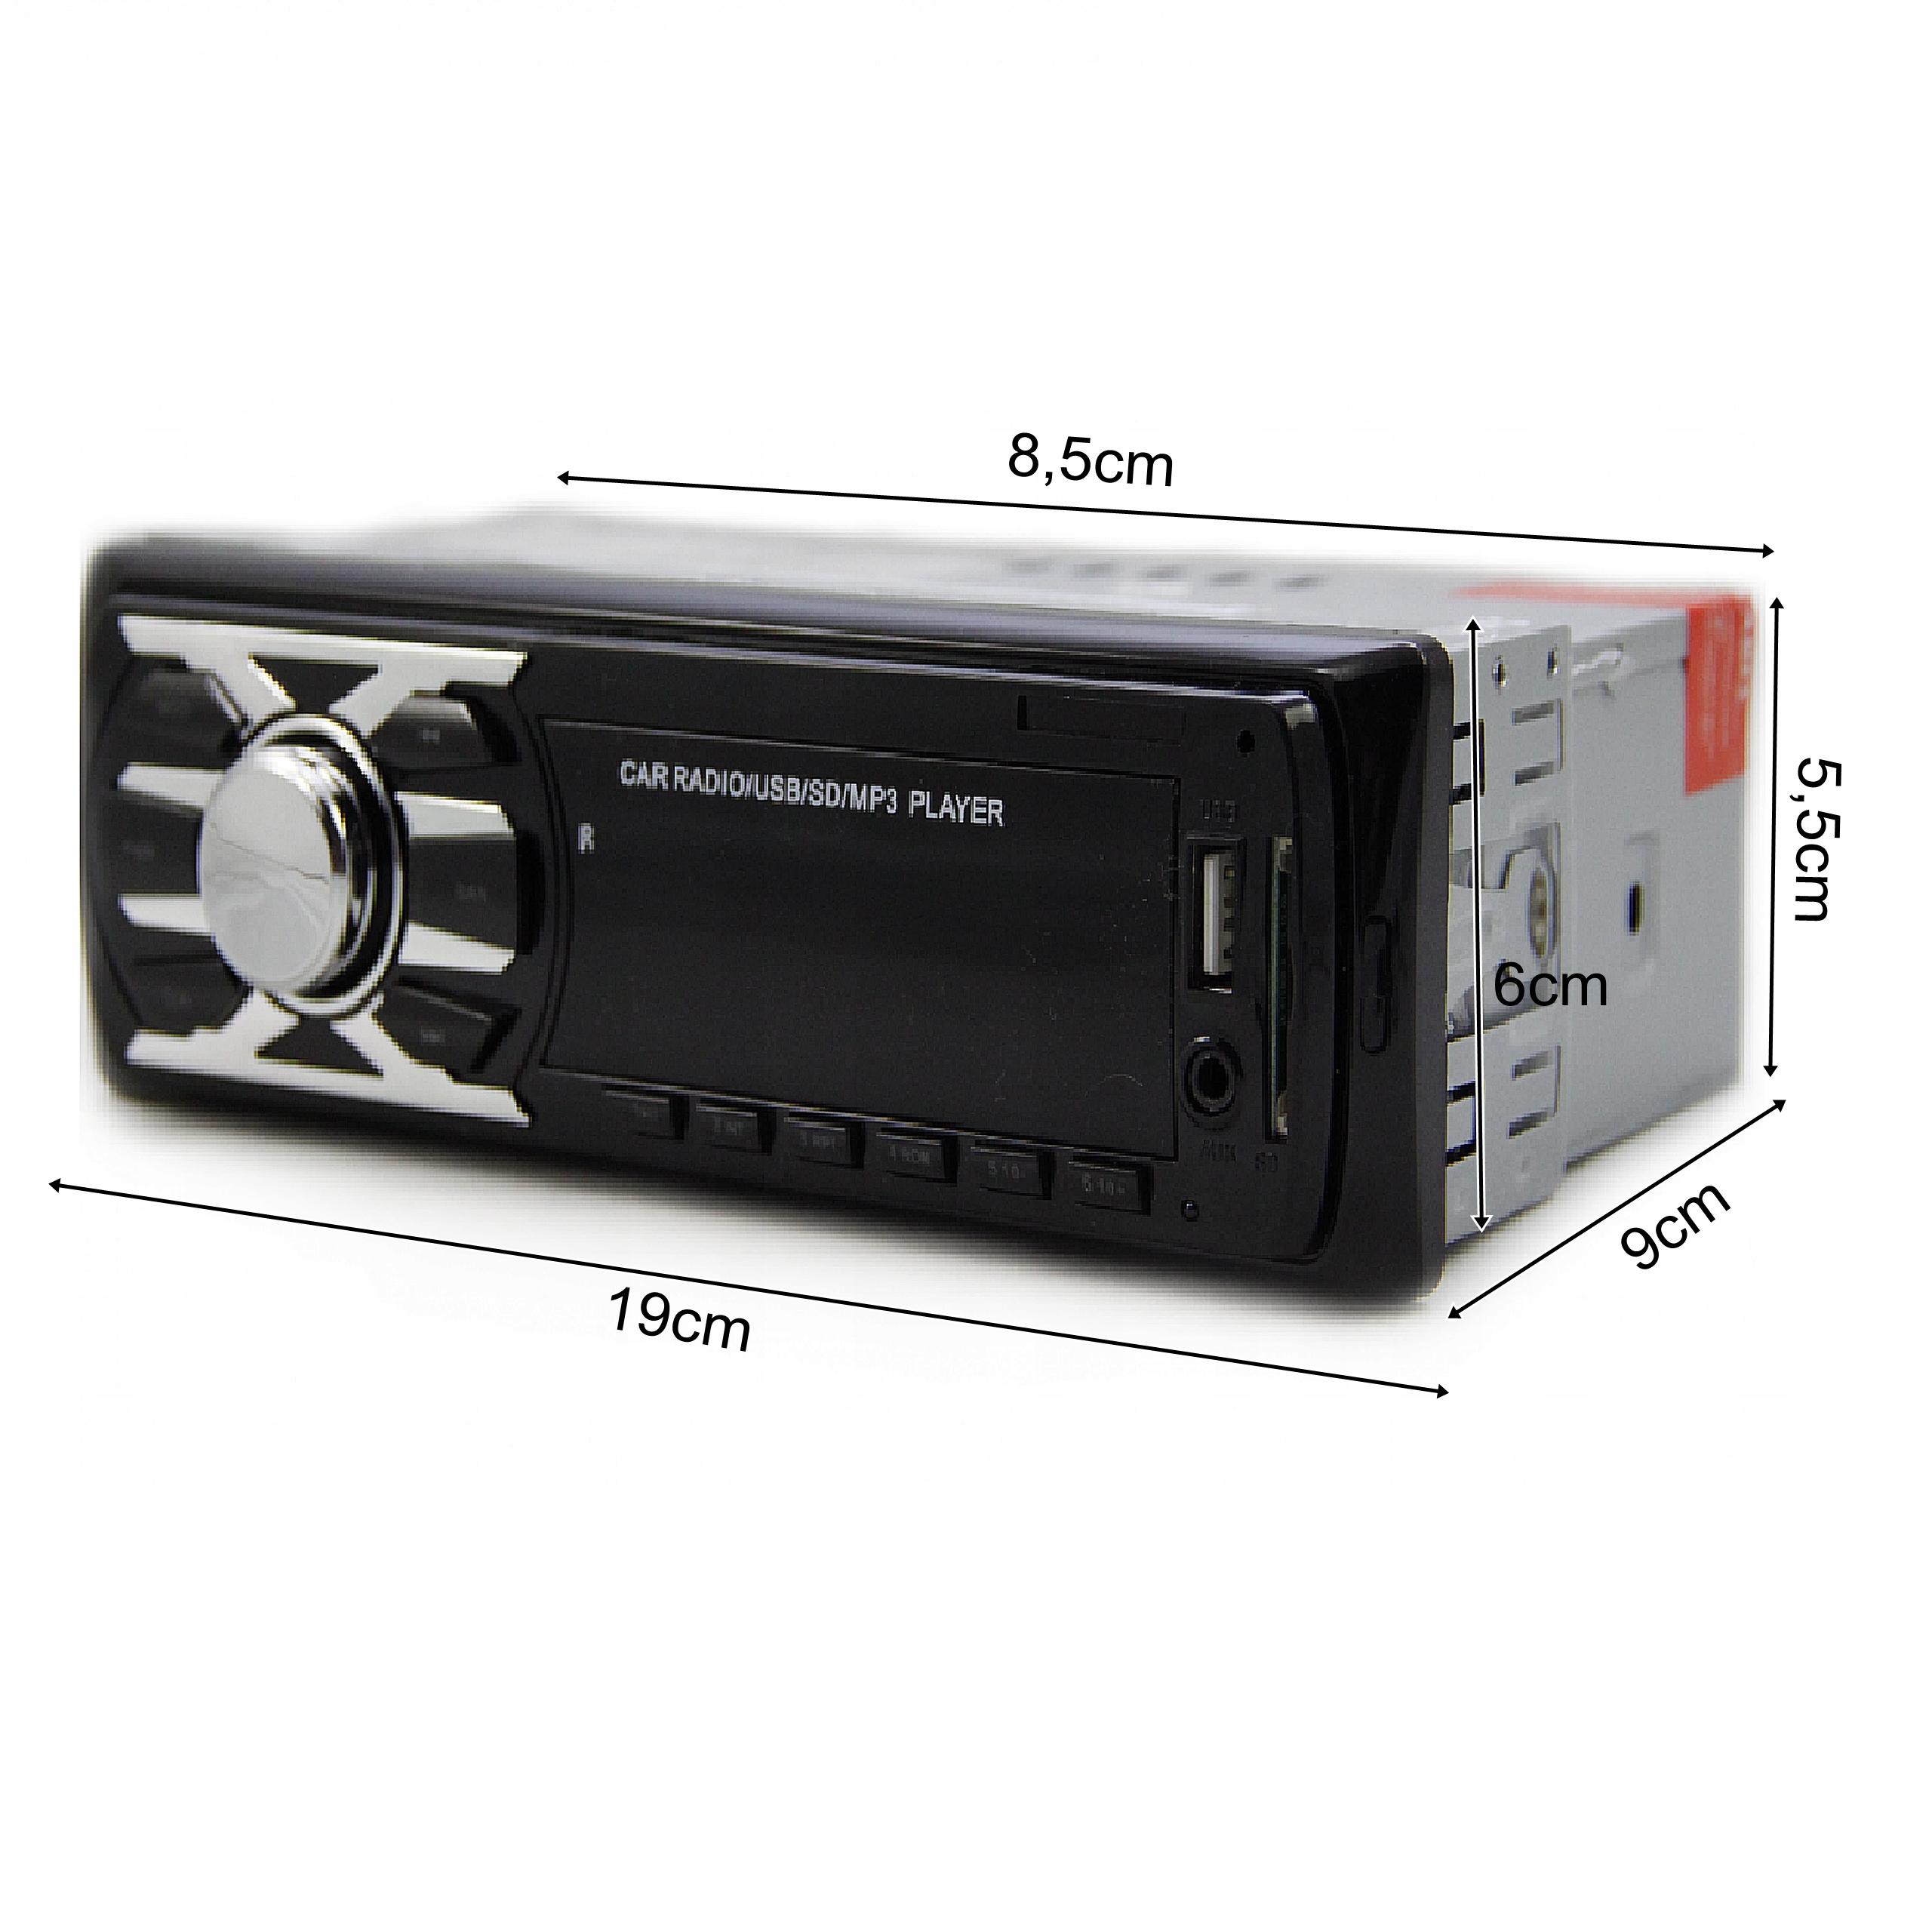 RADIO SAMOCHODOWE SD USB FM MP3 AUX + PILOT Kod producenta CDX-6263E